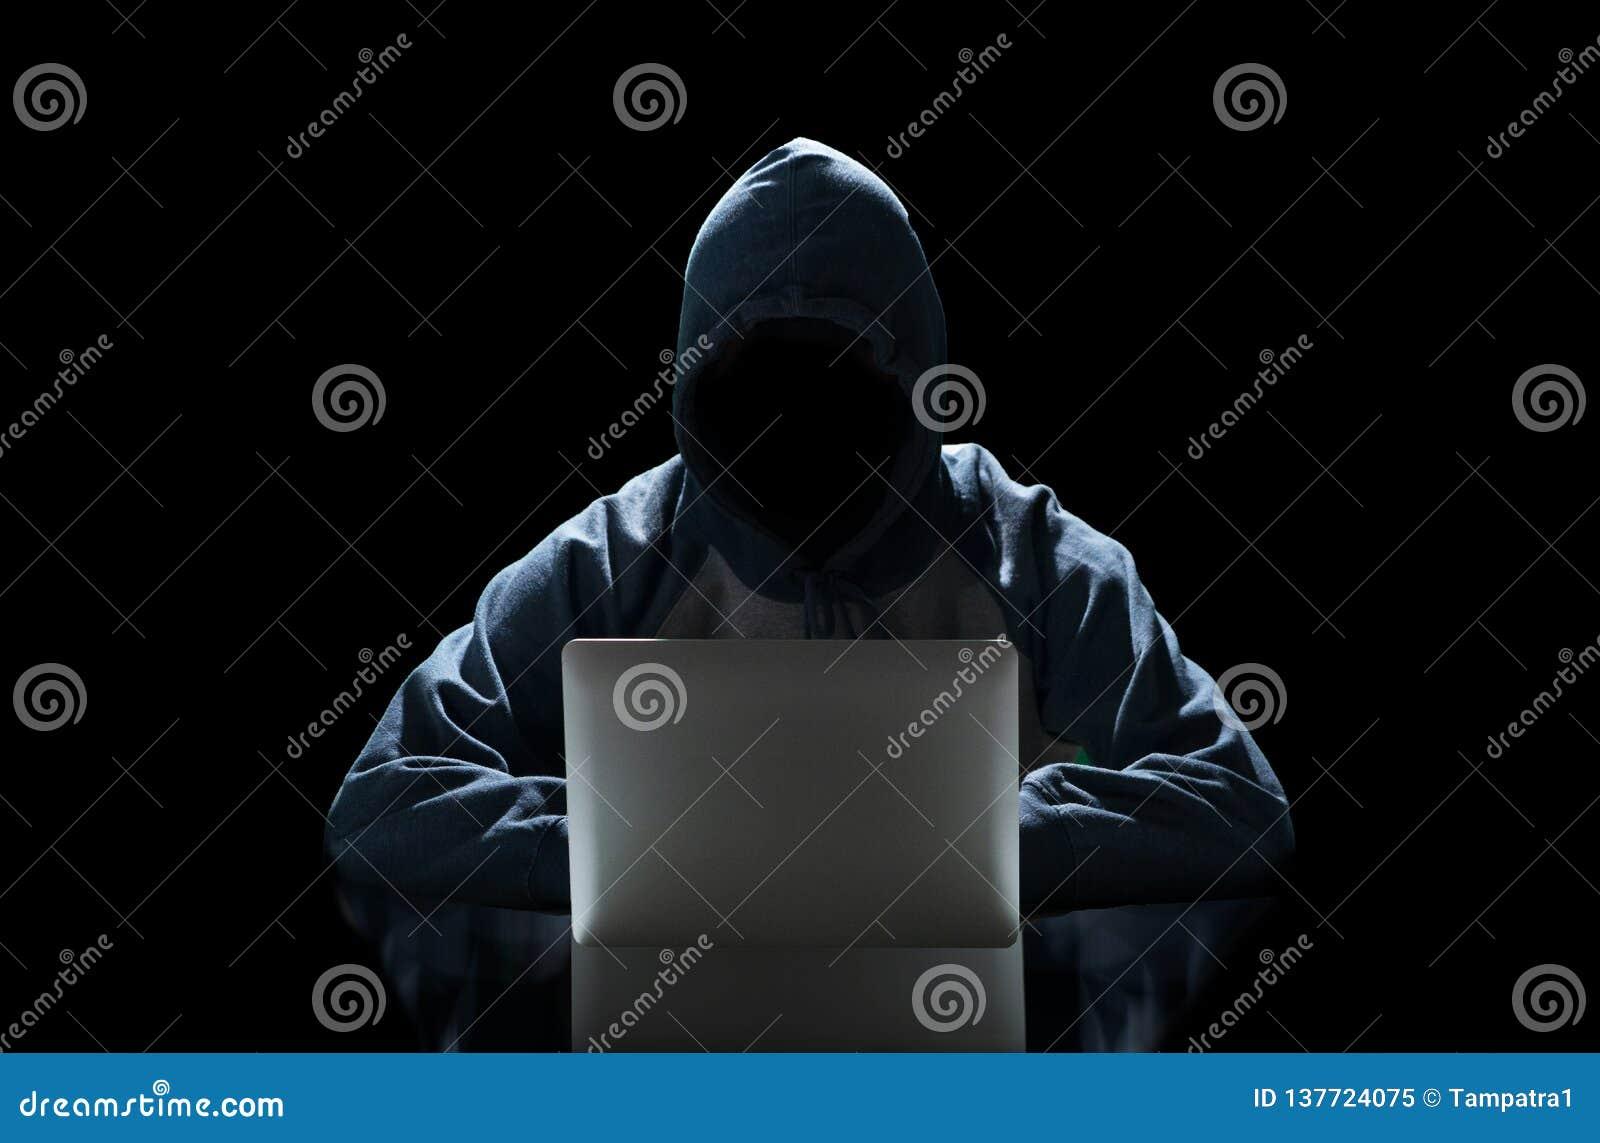 Hakker het typen op laptop op zwarte achtergrond met een van de achtergrond computermonitor matrijs, Digitale gegevenscode in vei